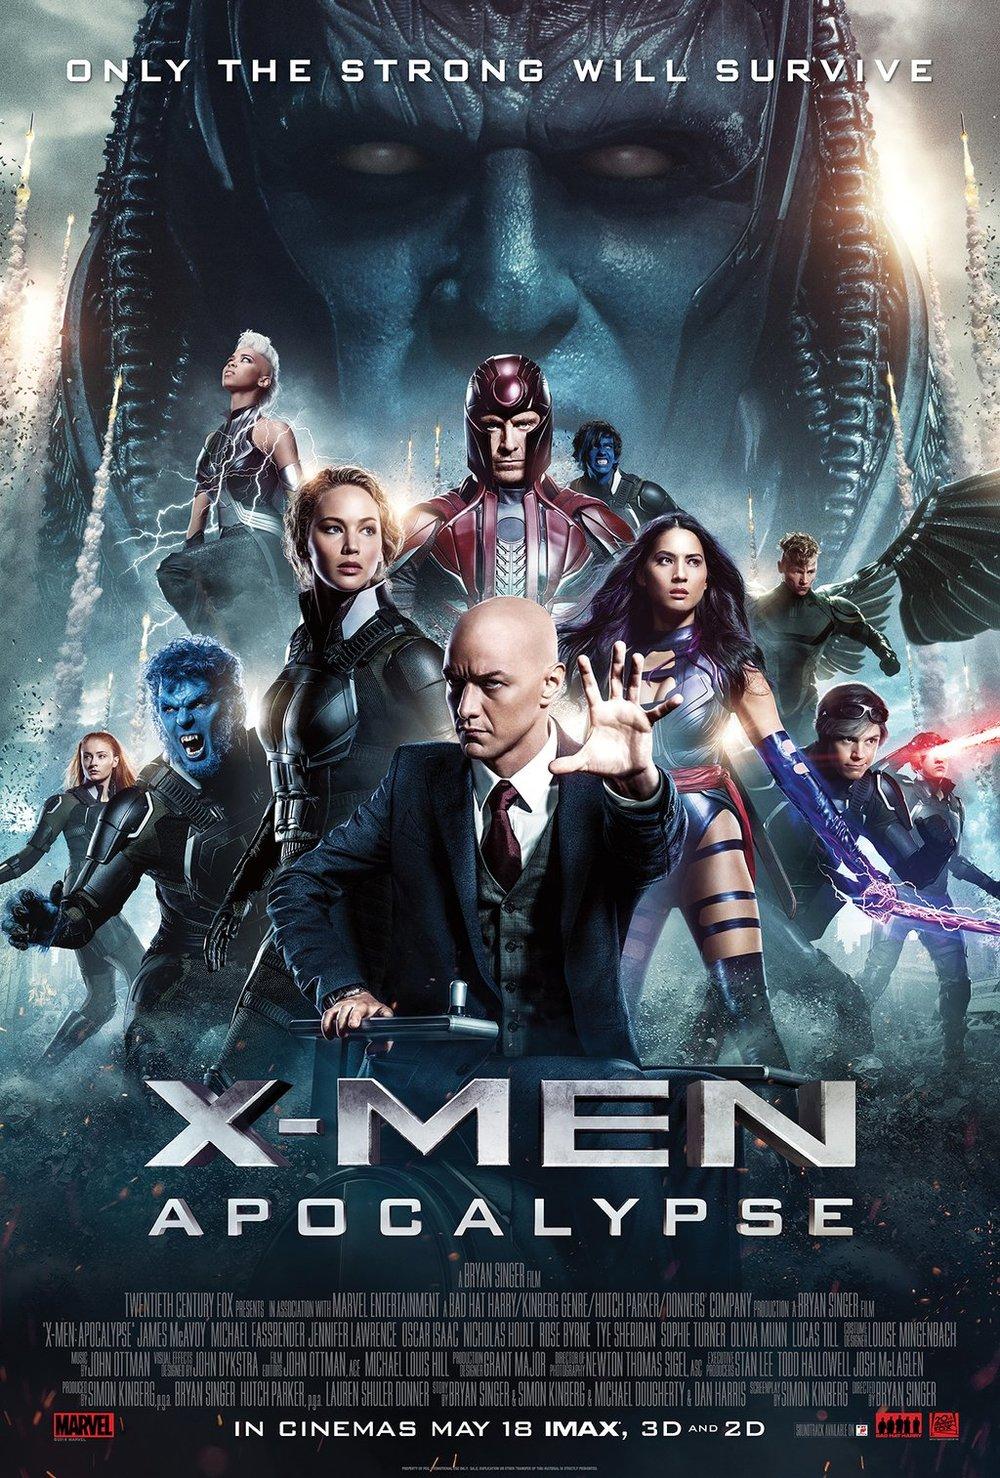 http://www.3dor2d.com/reviews/x-men-apocalypse